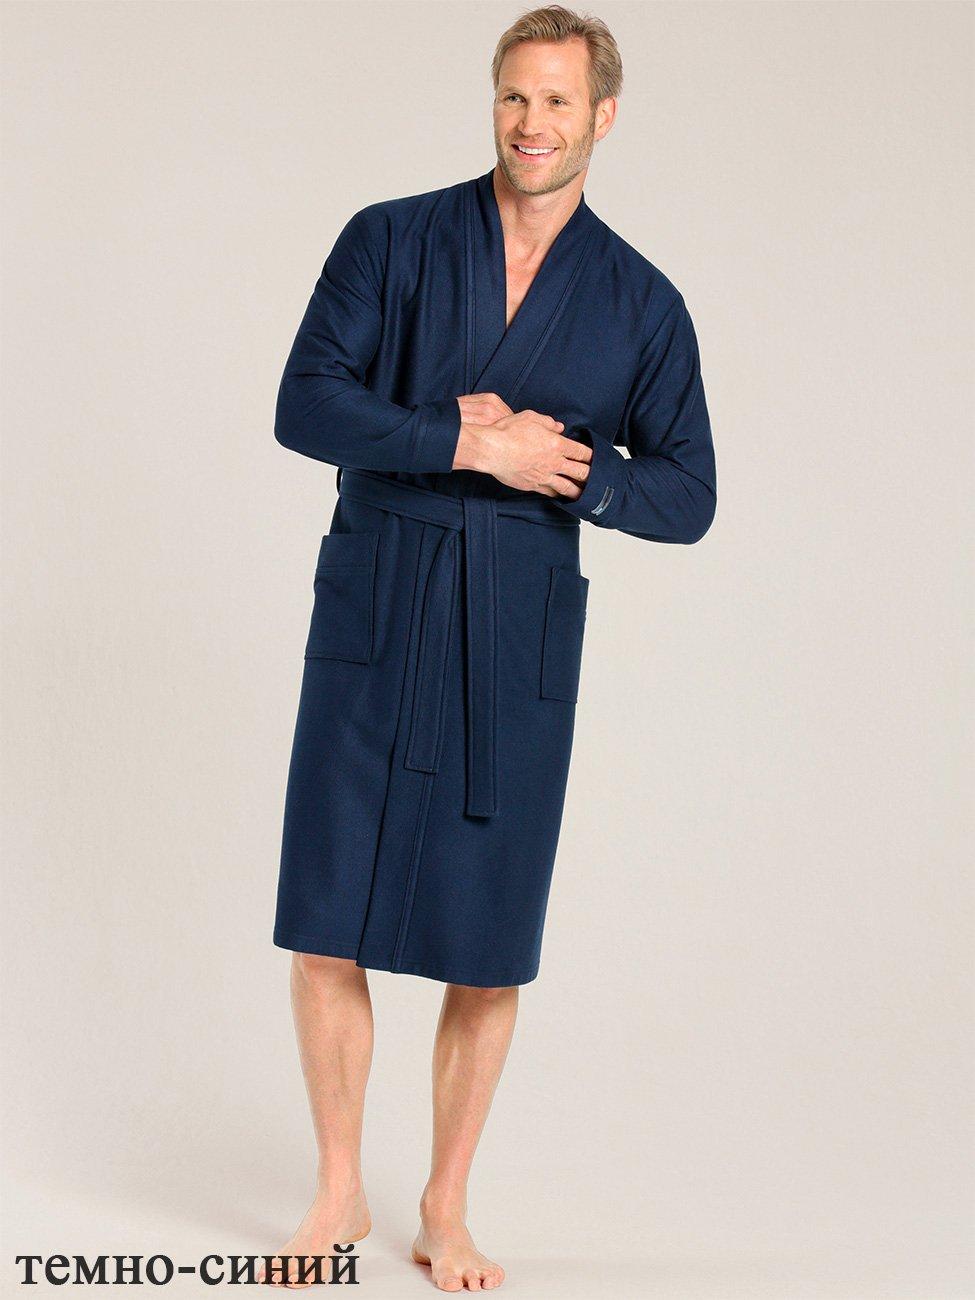 Мужской велюровый халат, т.синий 000650-313 Taubert